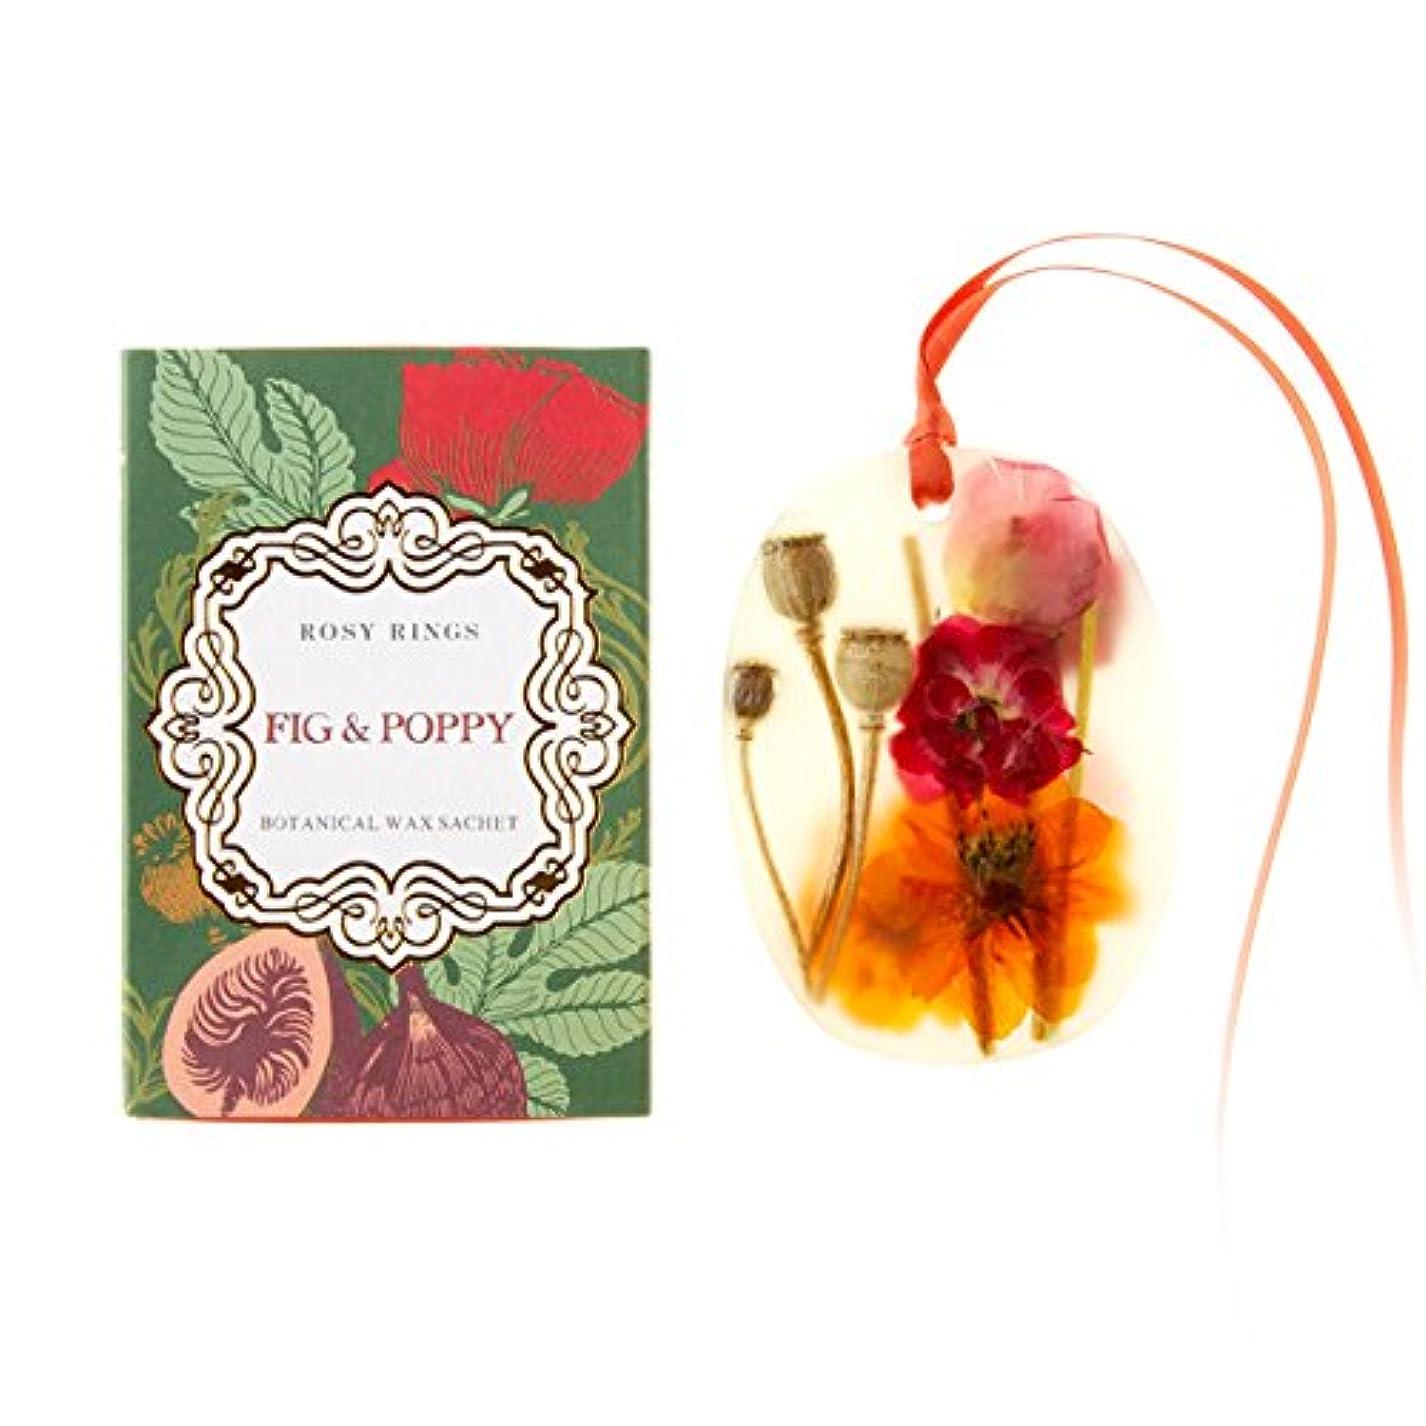 眠いですの中で超えてロージーリングス プティボタニカルサシェ フィグ&ポピー ROSY RINGS Petite Oval Botanical Wax Sachet Fig & Poppy